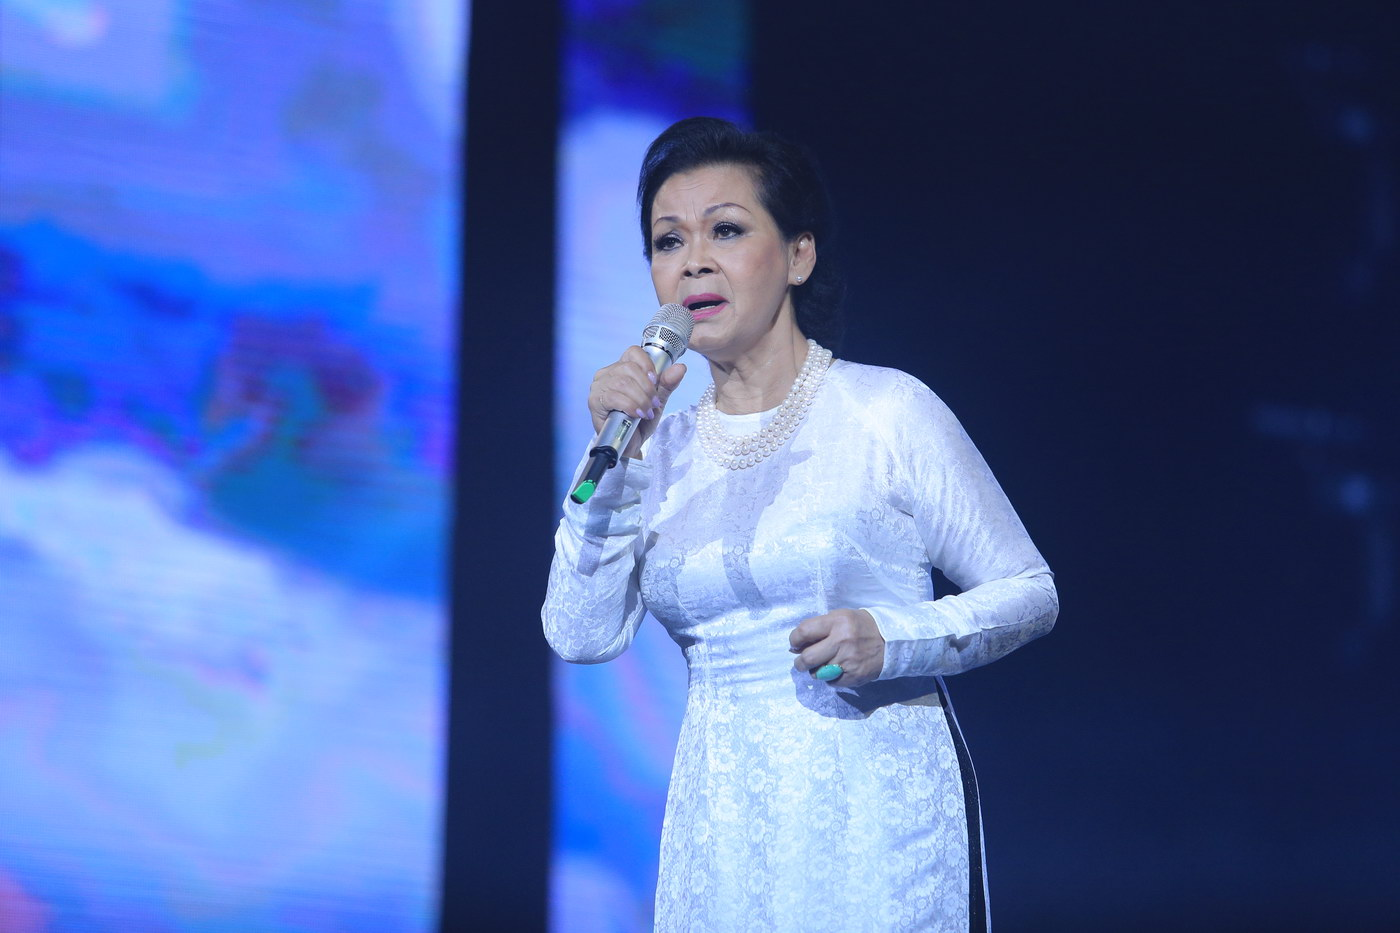 Dày dặn Khánh Ly, mong manh Hà Anh Tuấn - Ảnh 4.